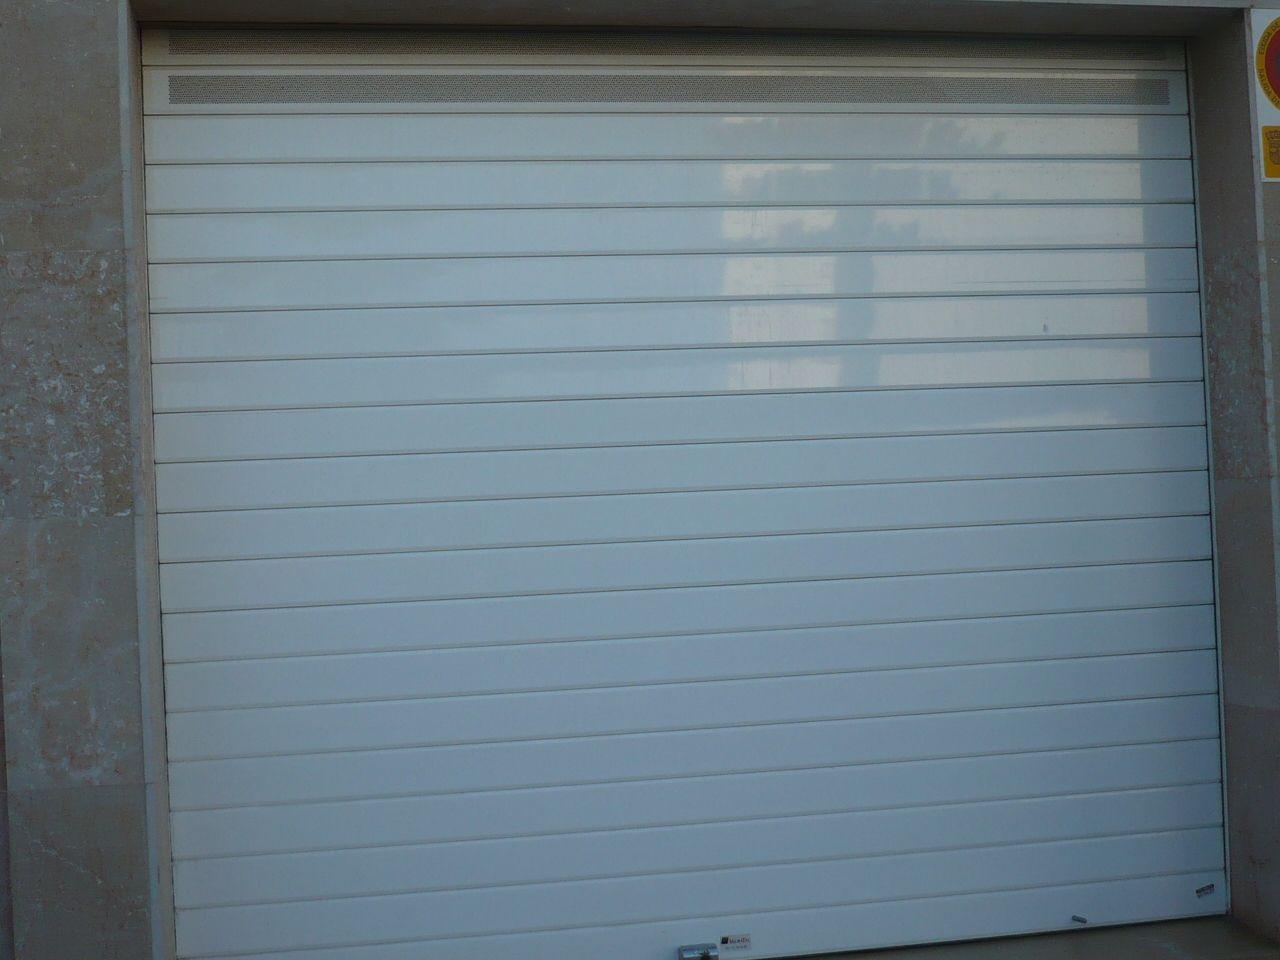 Puertas de aluminio blanco cool puertas de aluminio with for Modelos de puertas de aluminio blanco